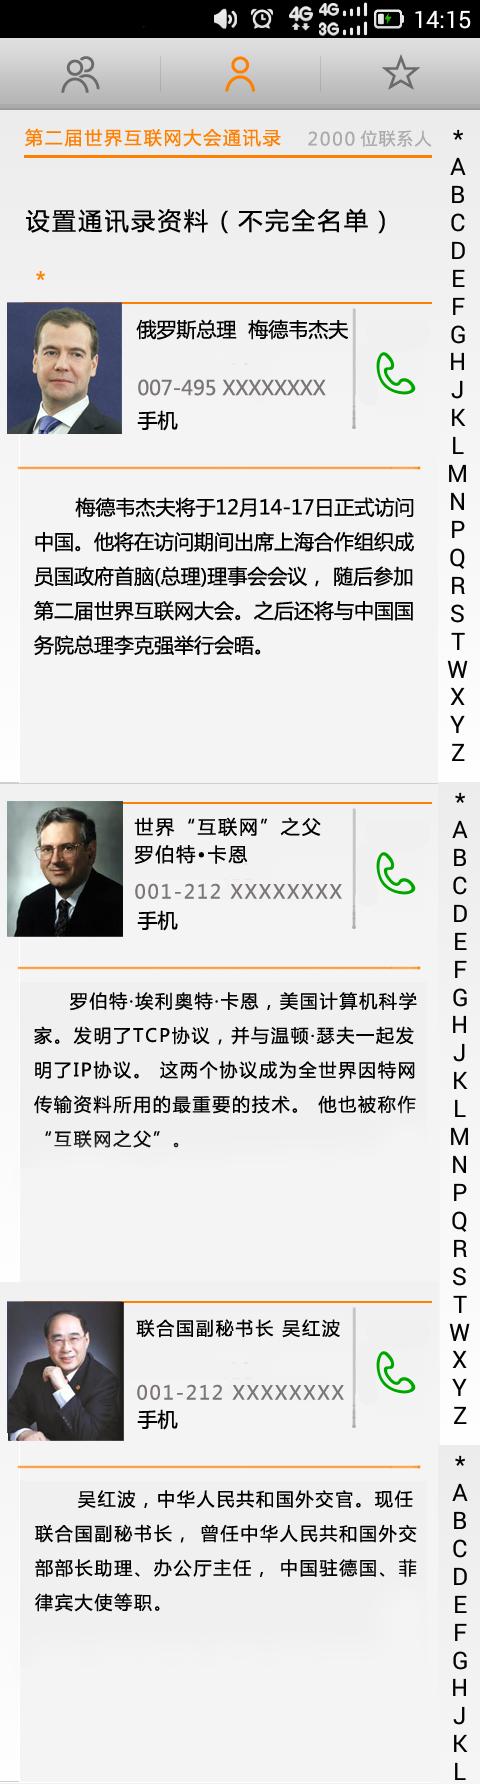 """【直通乌镇】一帖看尽""""最强大脑"""" 互联网大会""""通讯录"""""""